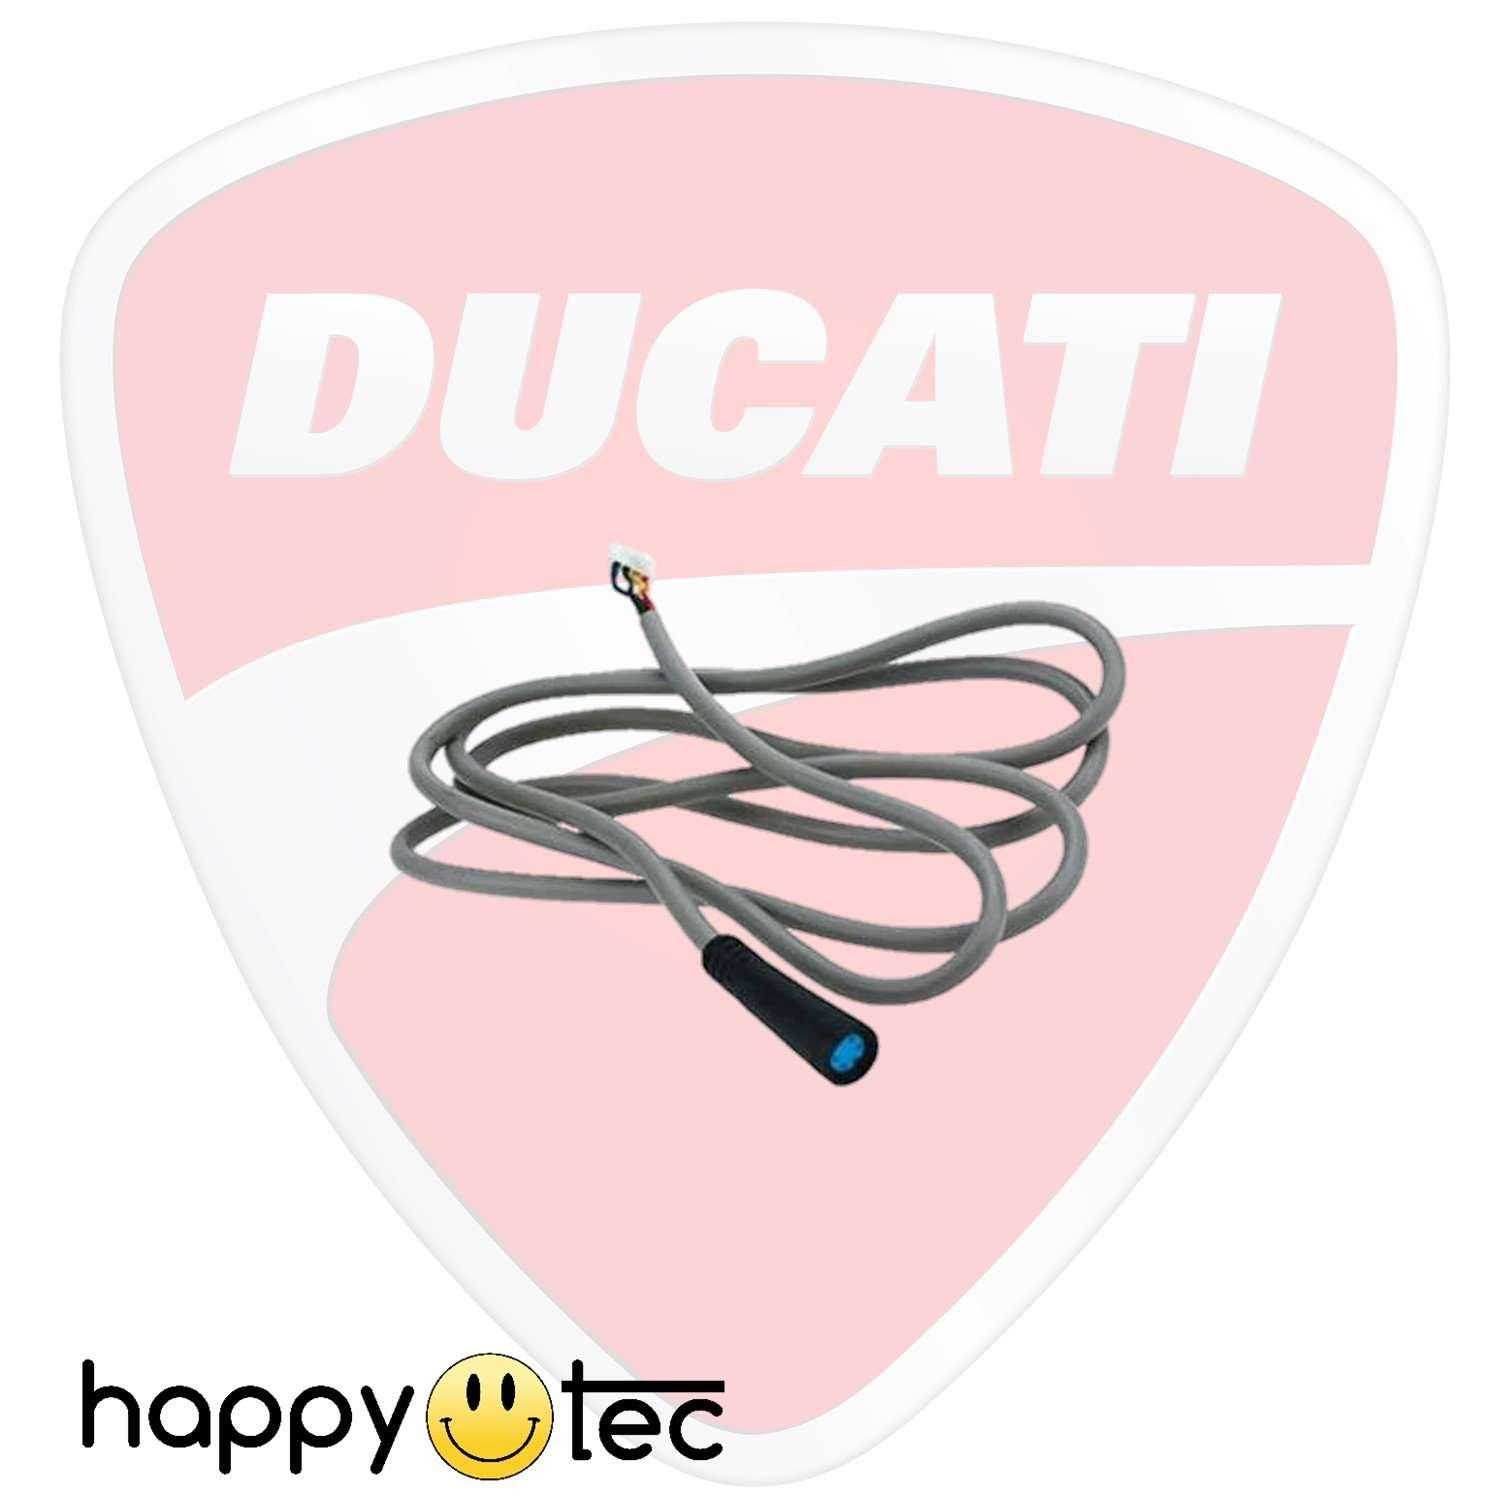 Cavo di collegamento centralina > dashboard per Ducati Pro 1 Plus